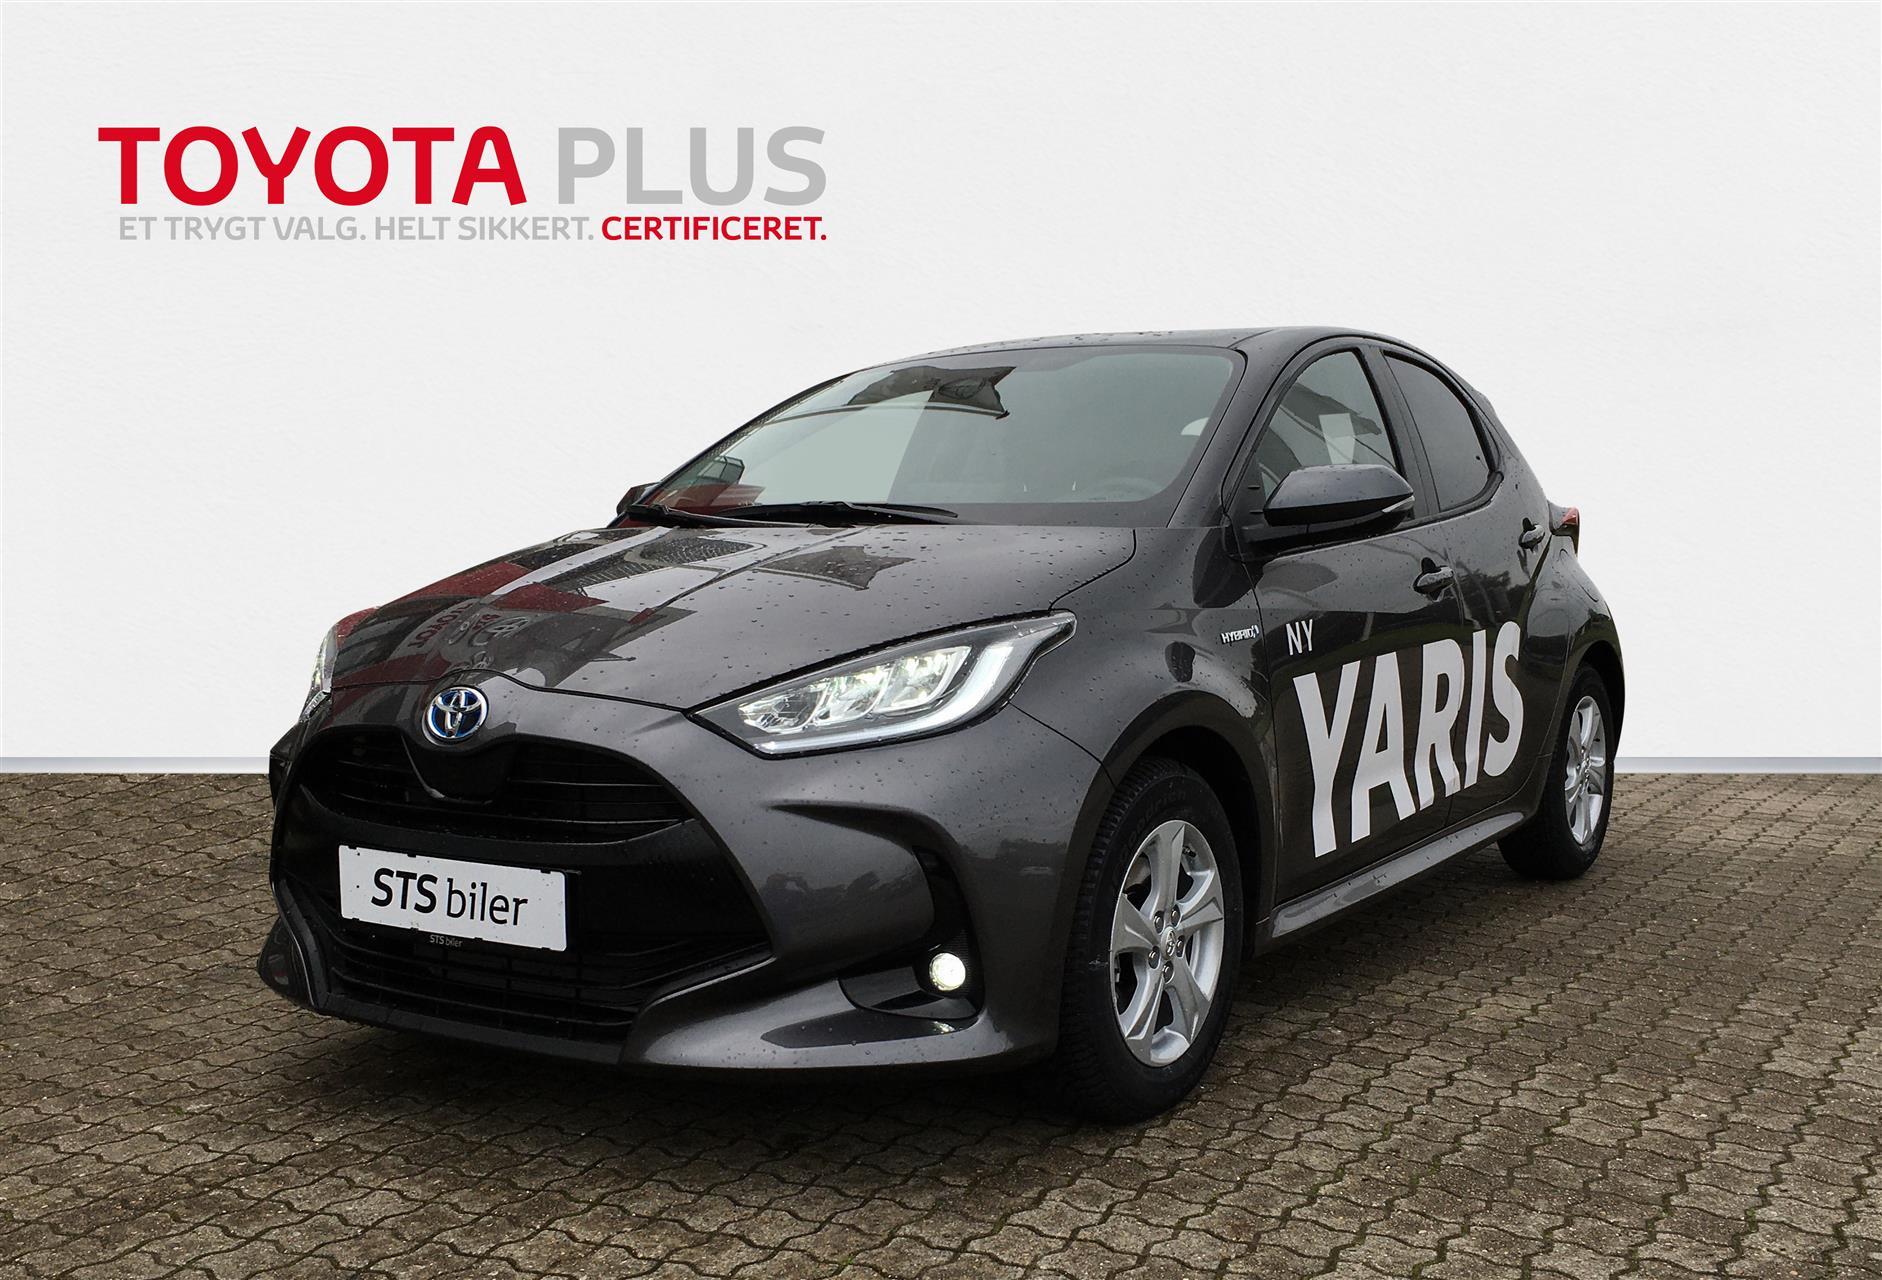 Billede af Toyota Yaris 1.5 Hybrid (116 hk) aut. gear H3 Smart